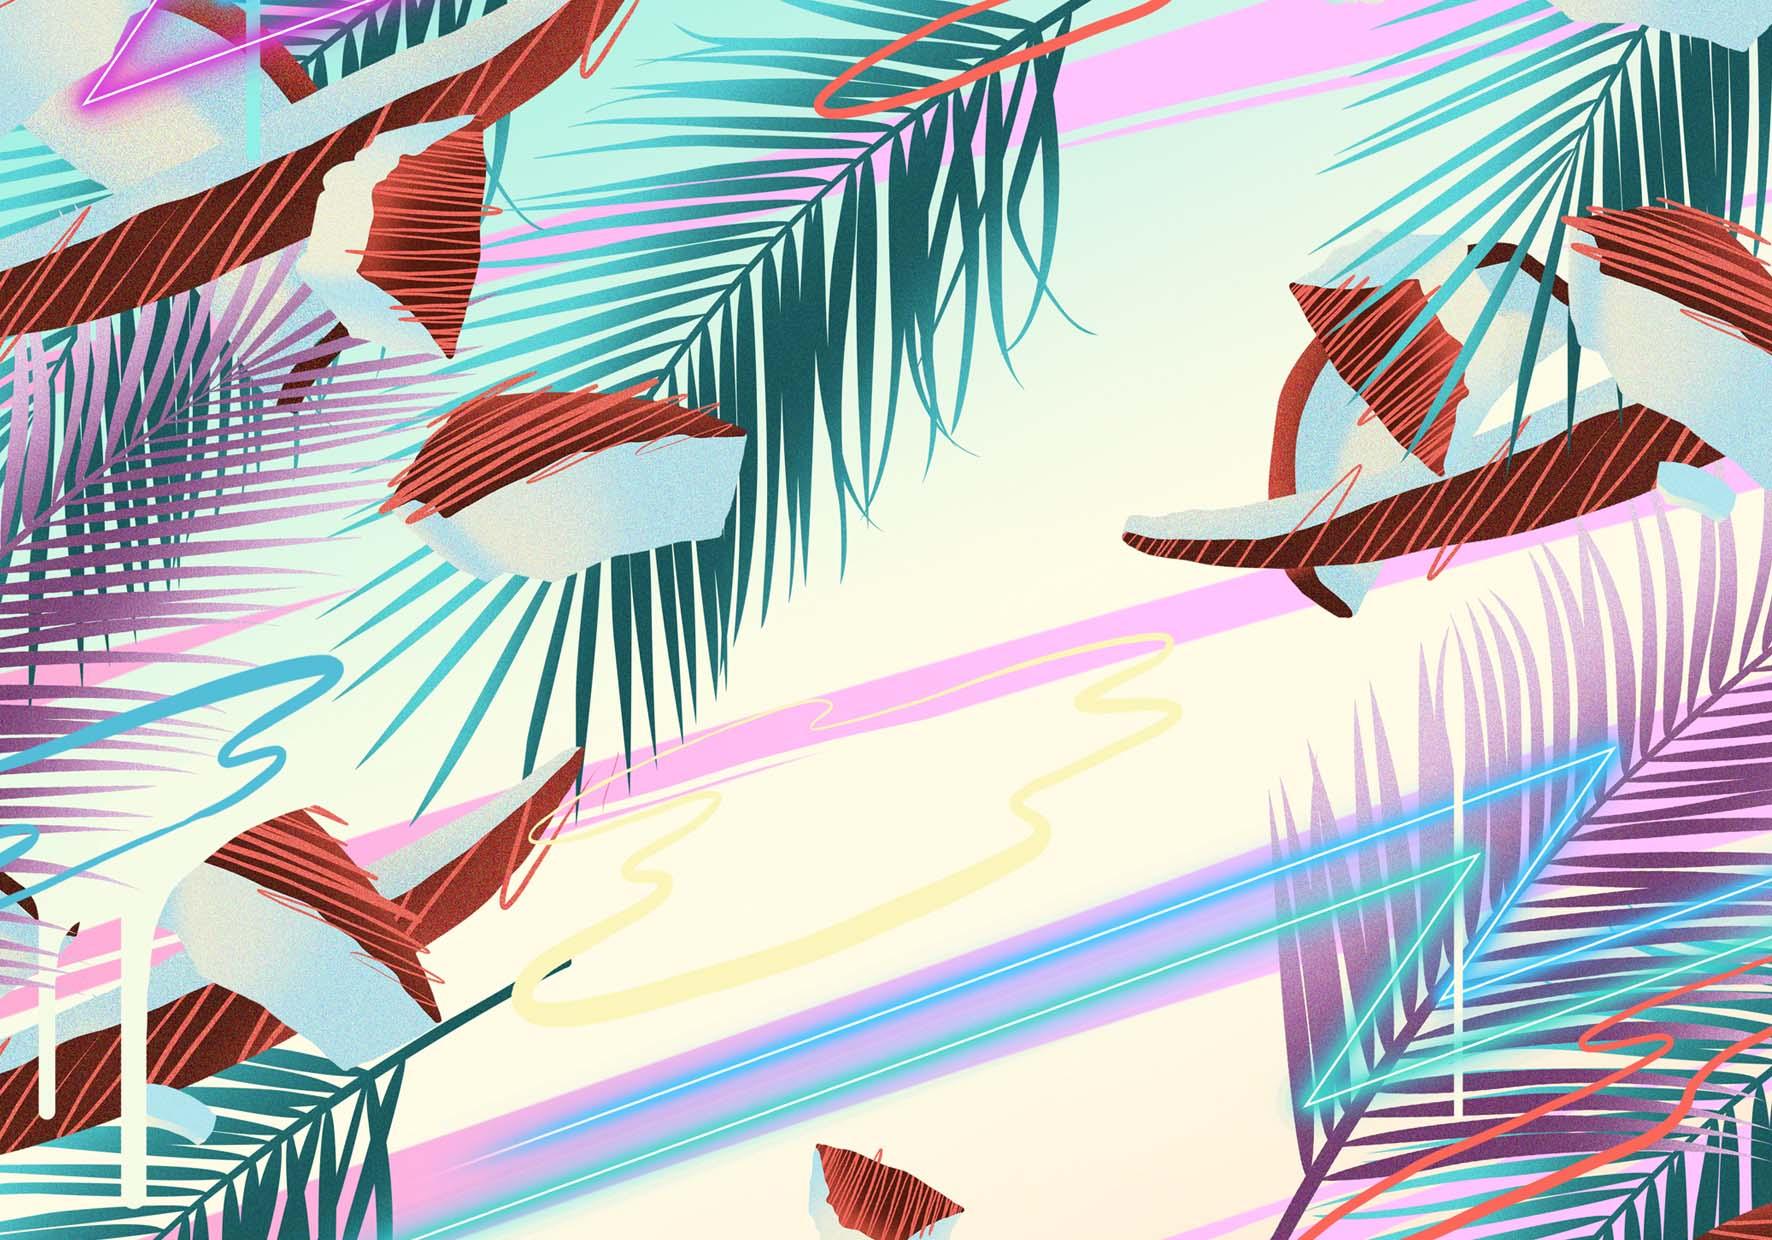 Nerone-Danone-coconut-design-light&free-8